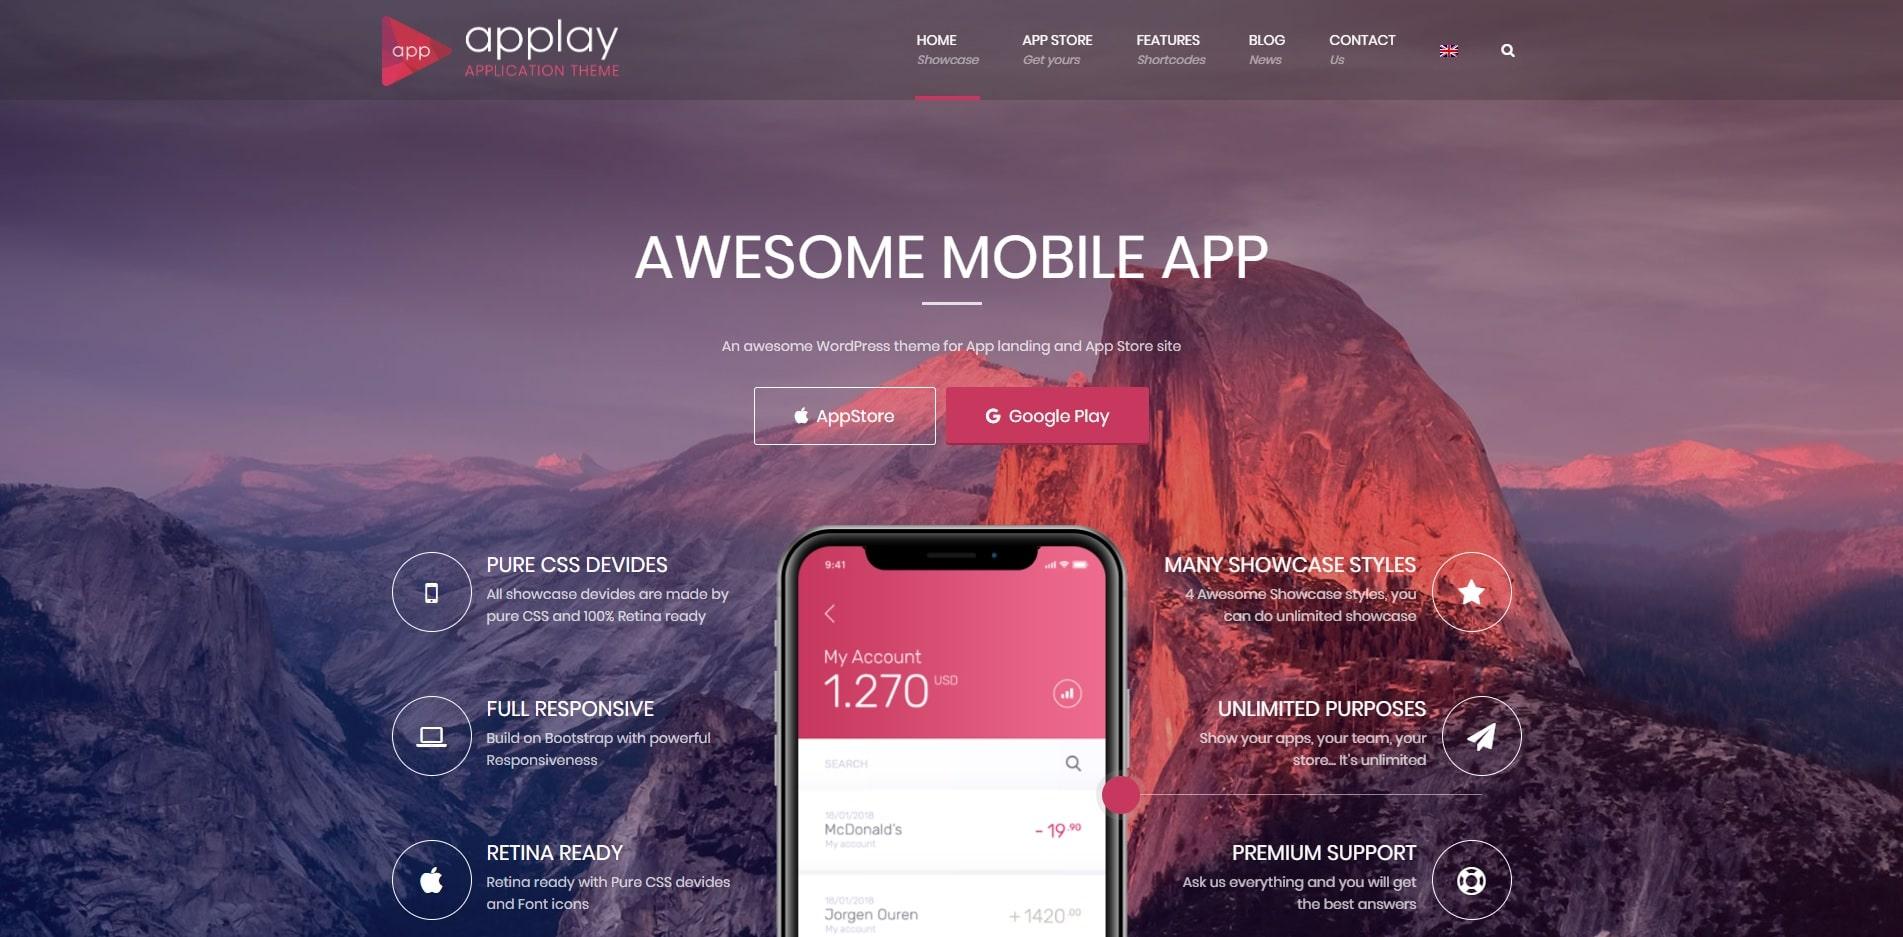 applay technology website template